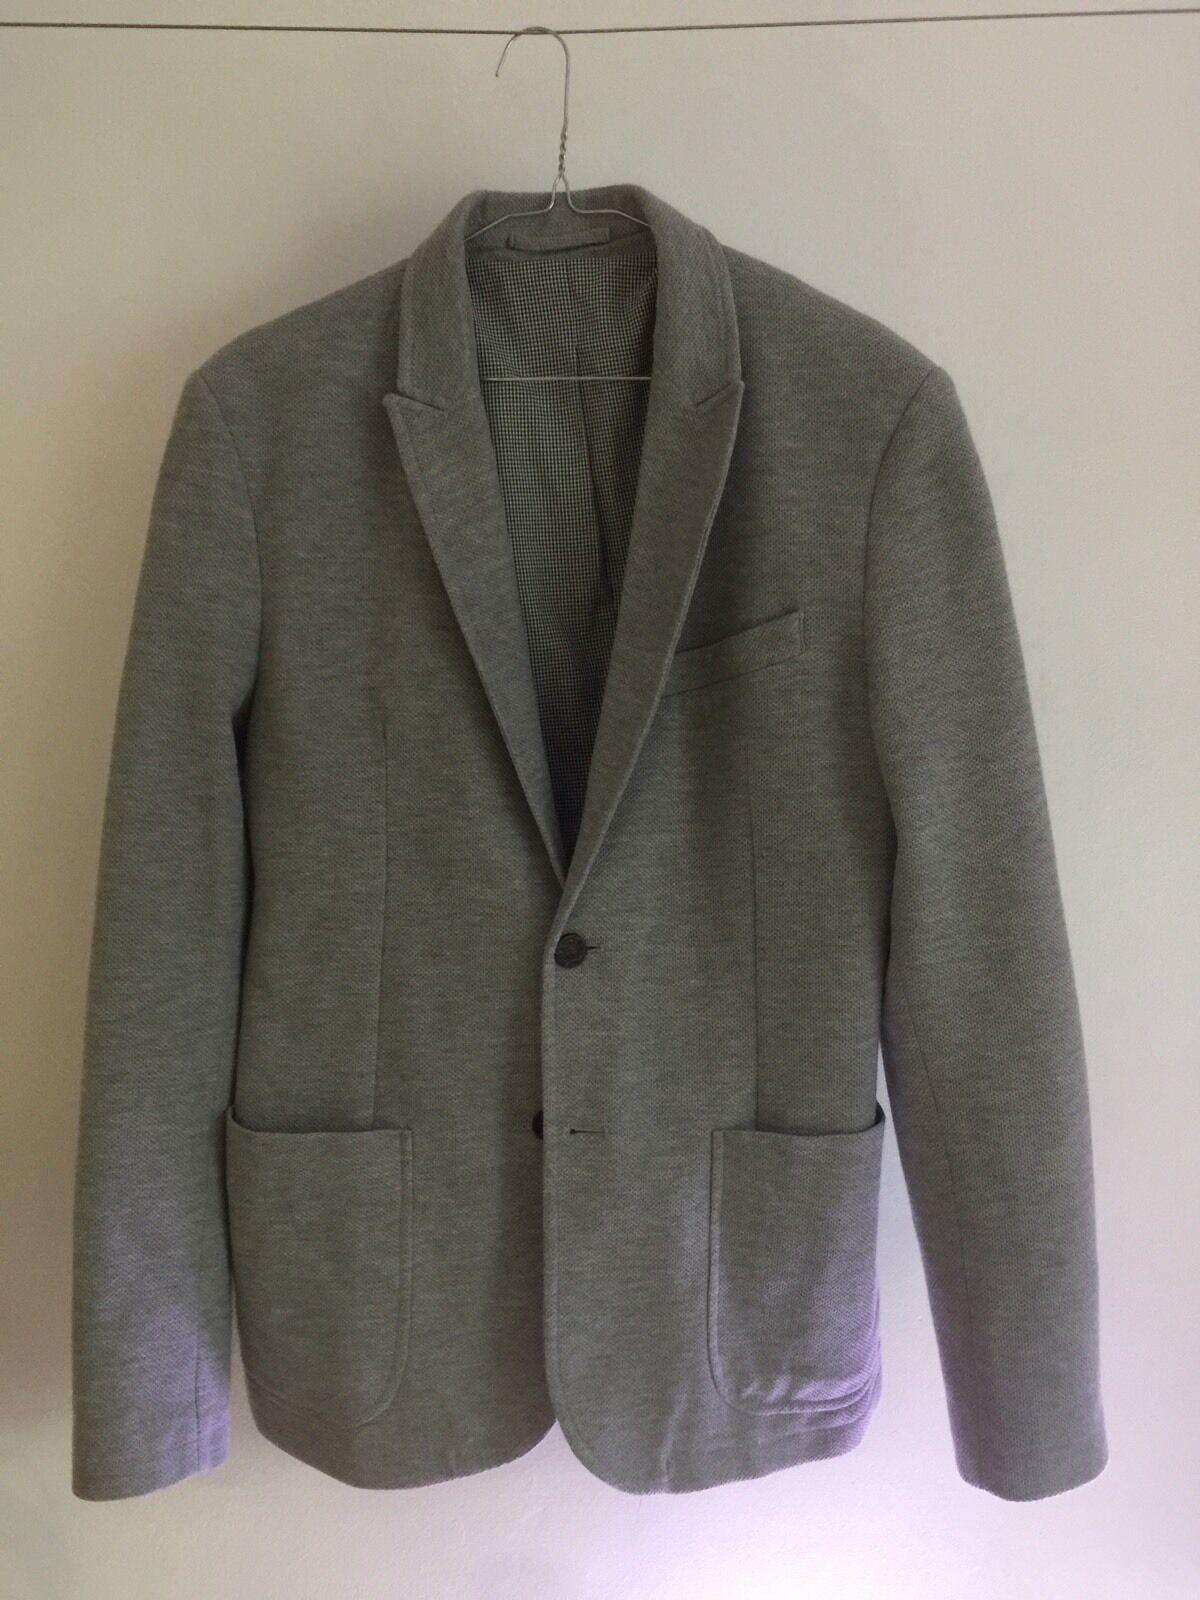 Zara Man Light Grey Blazer Size 38